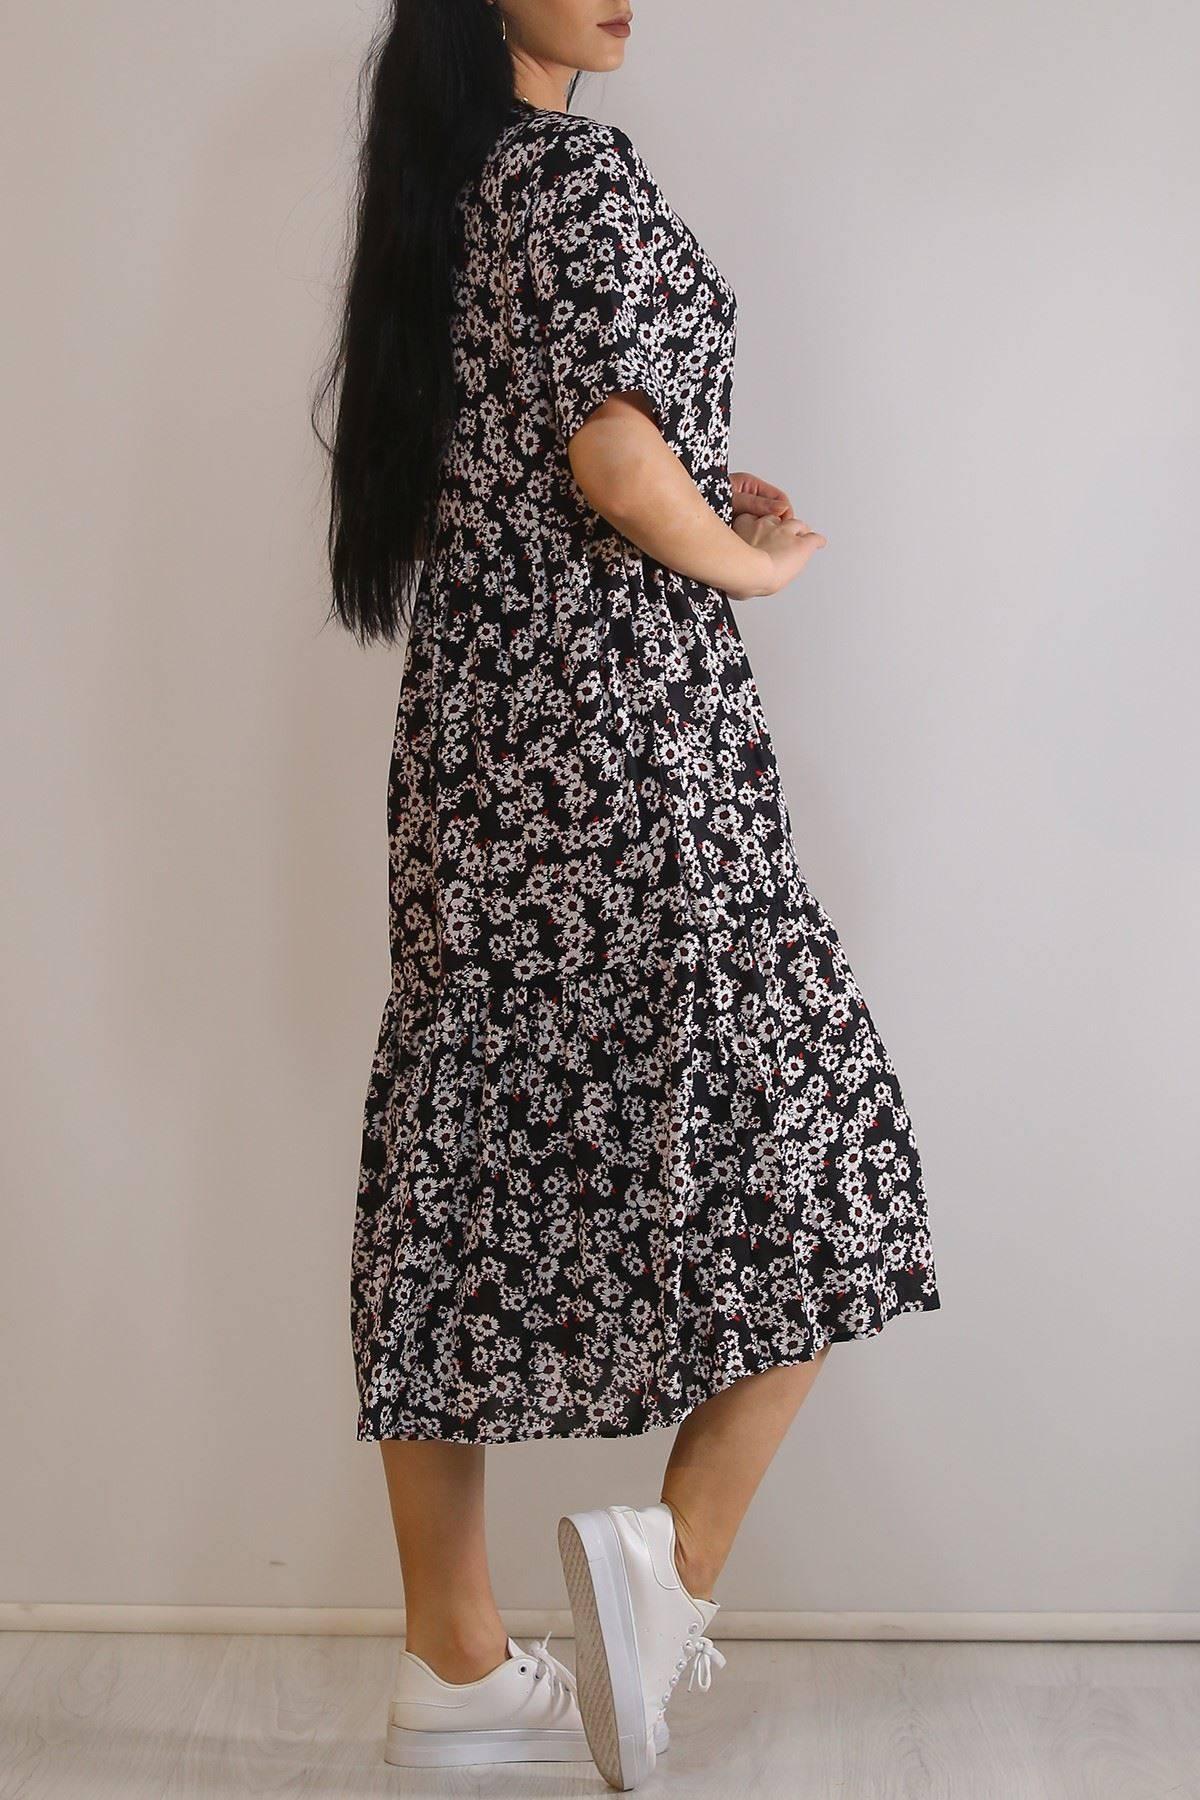 Dokuma Elbise Siyahbeyaz - 5990.701.